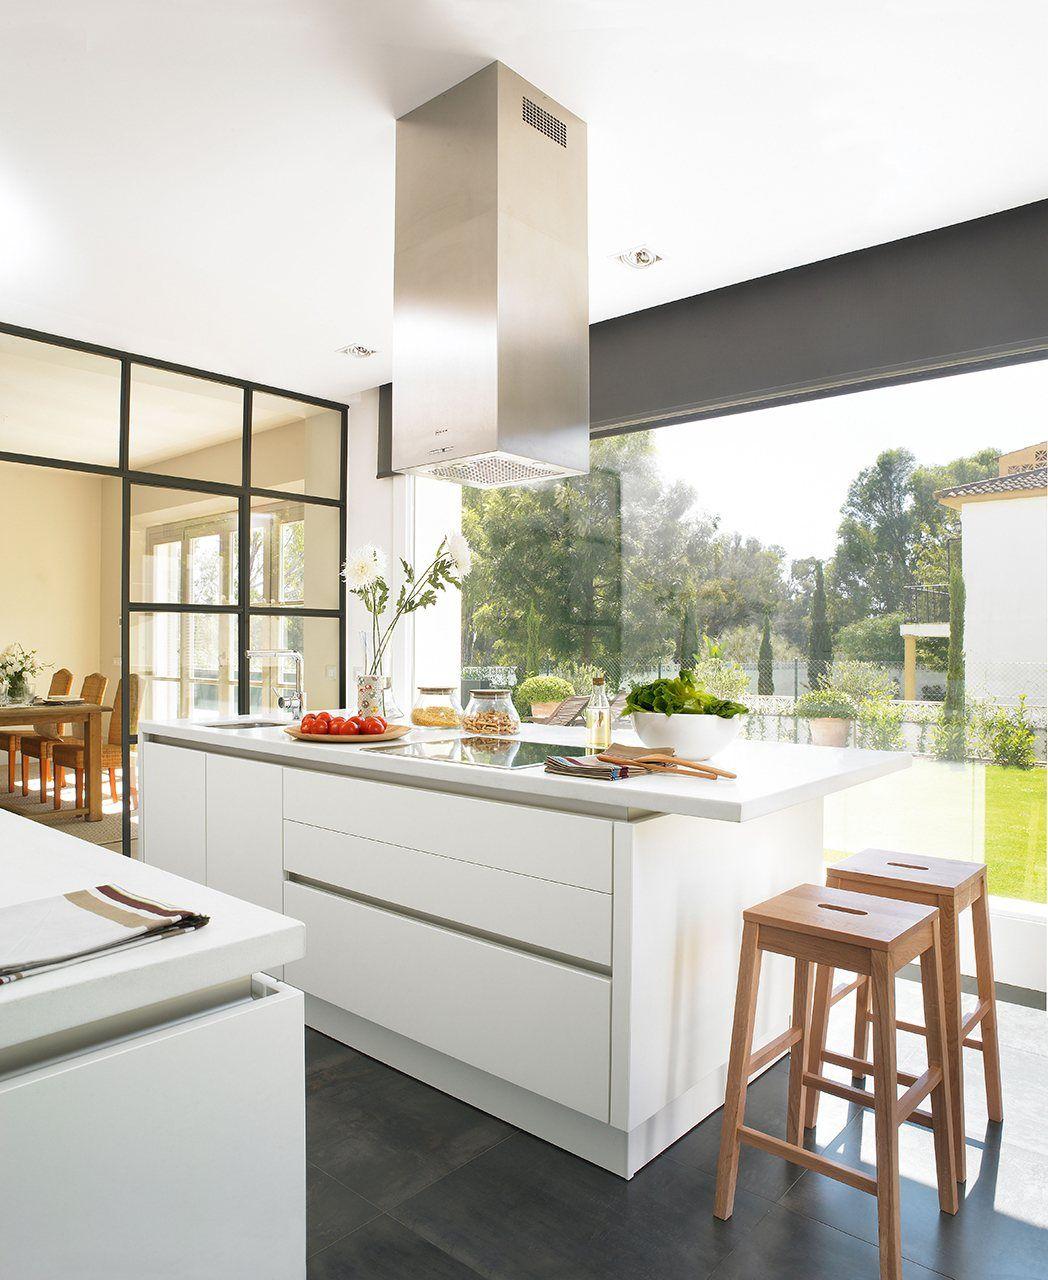 Claves para elegir la campana de tu cocina · ElMueble.com · Cocinas ...